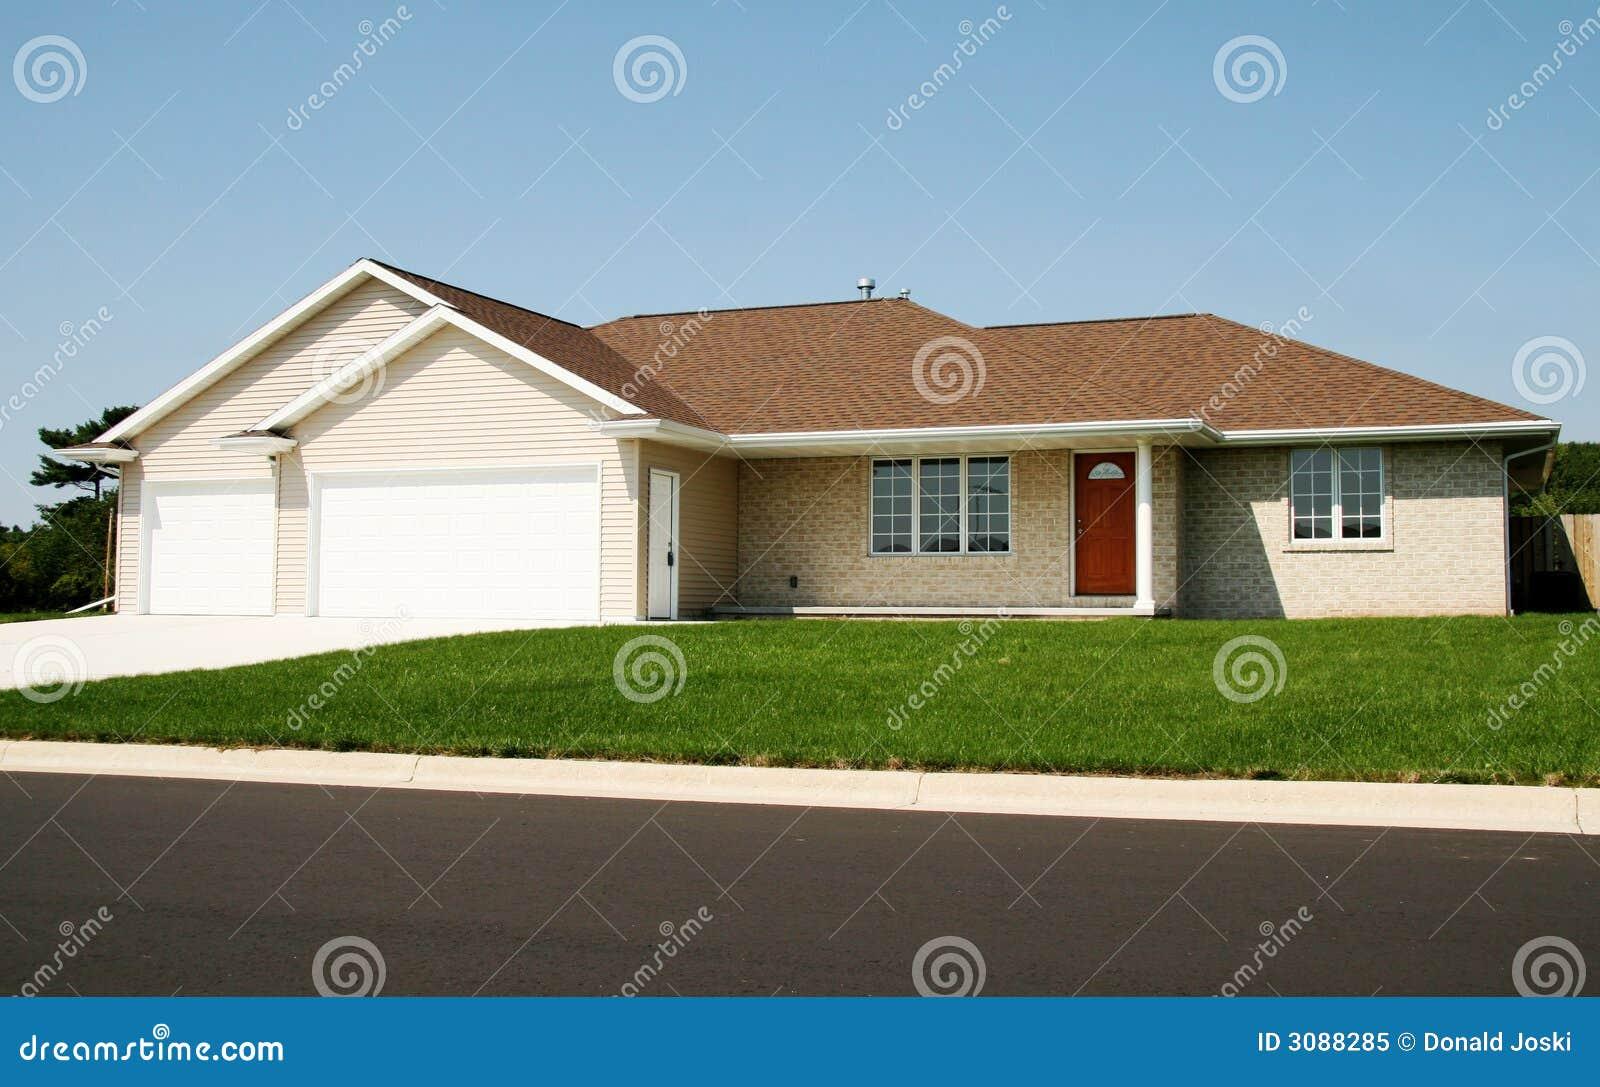 maison neuve de ranch photo libre de droits image 3088285. Black Bedroom Furniture Sets. Home Design Ideas